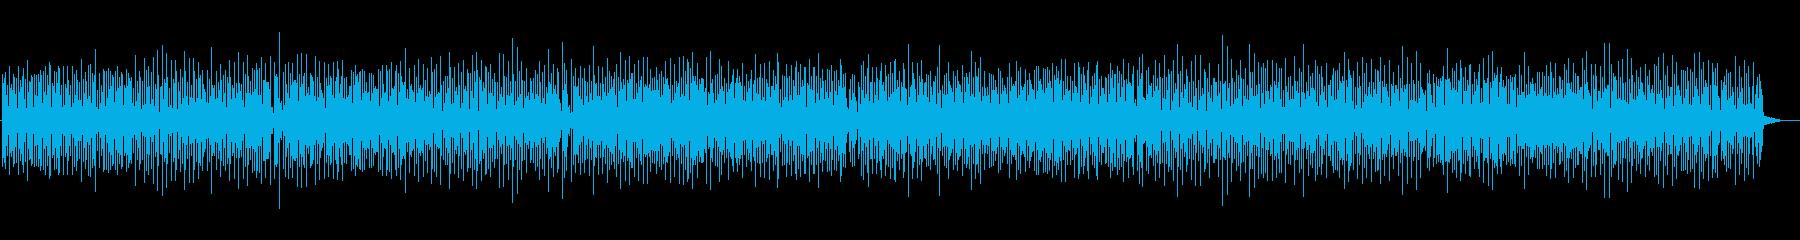 わくわくするブルーグラスの再生済みの波形